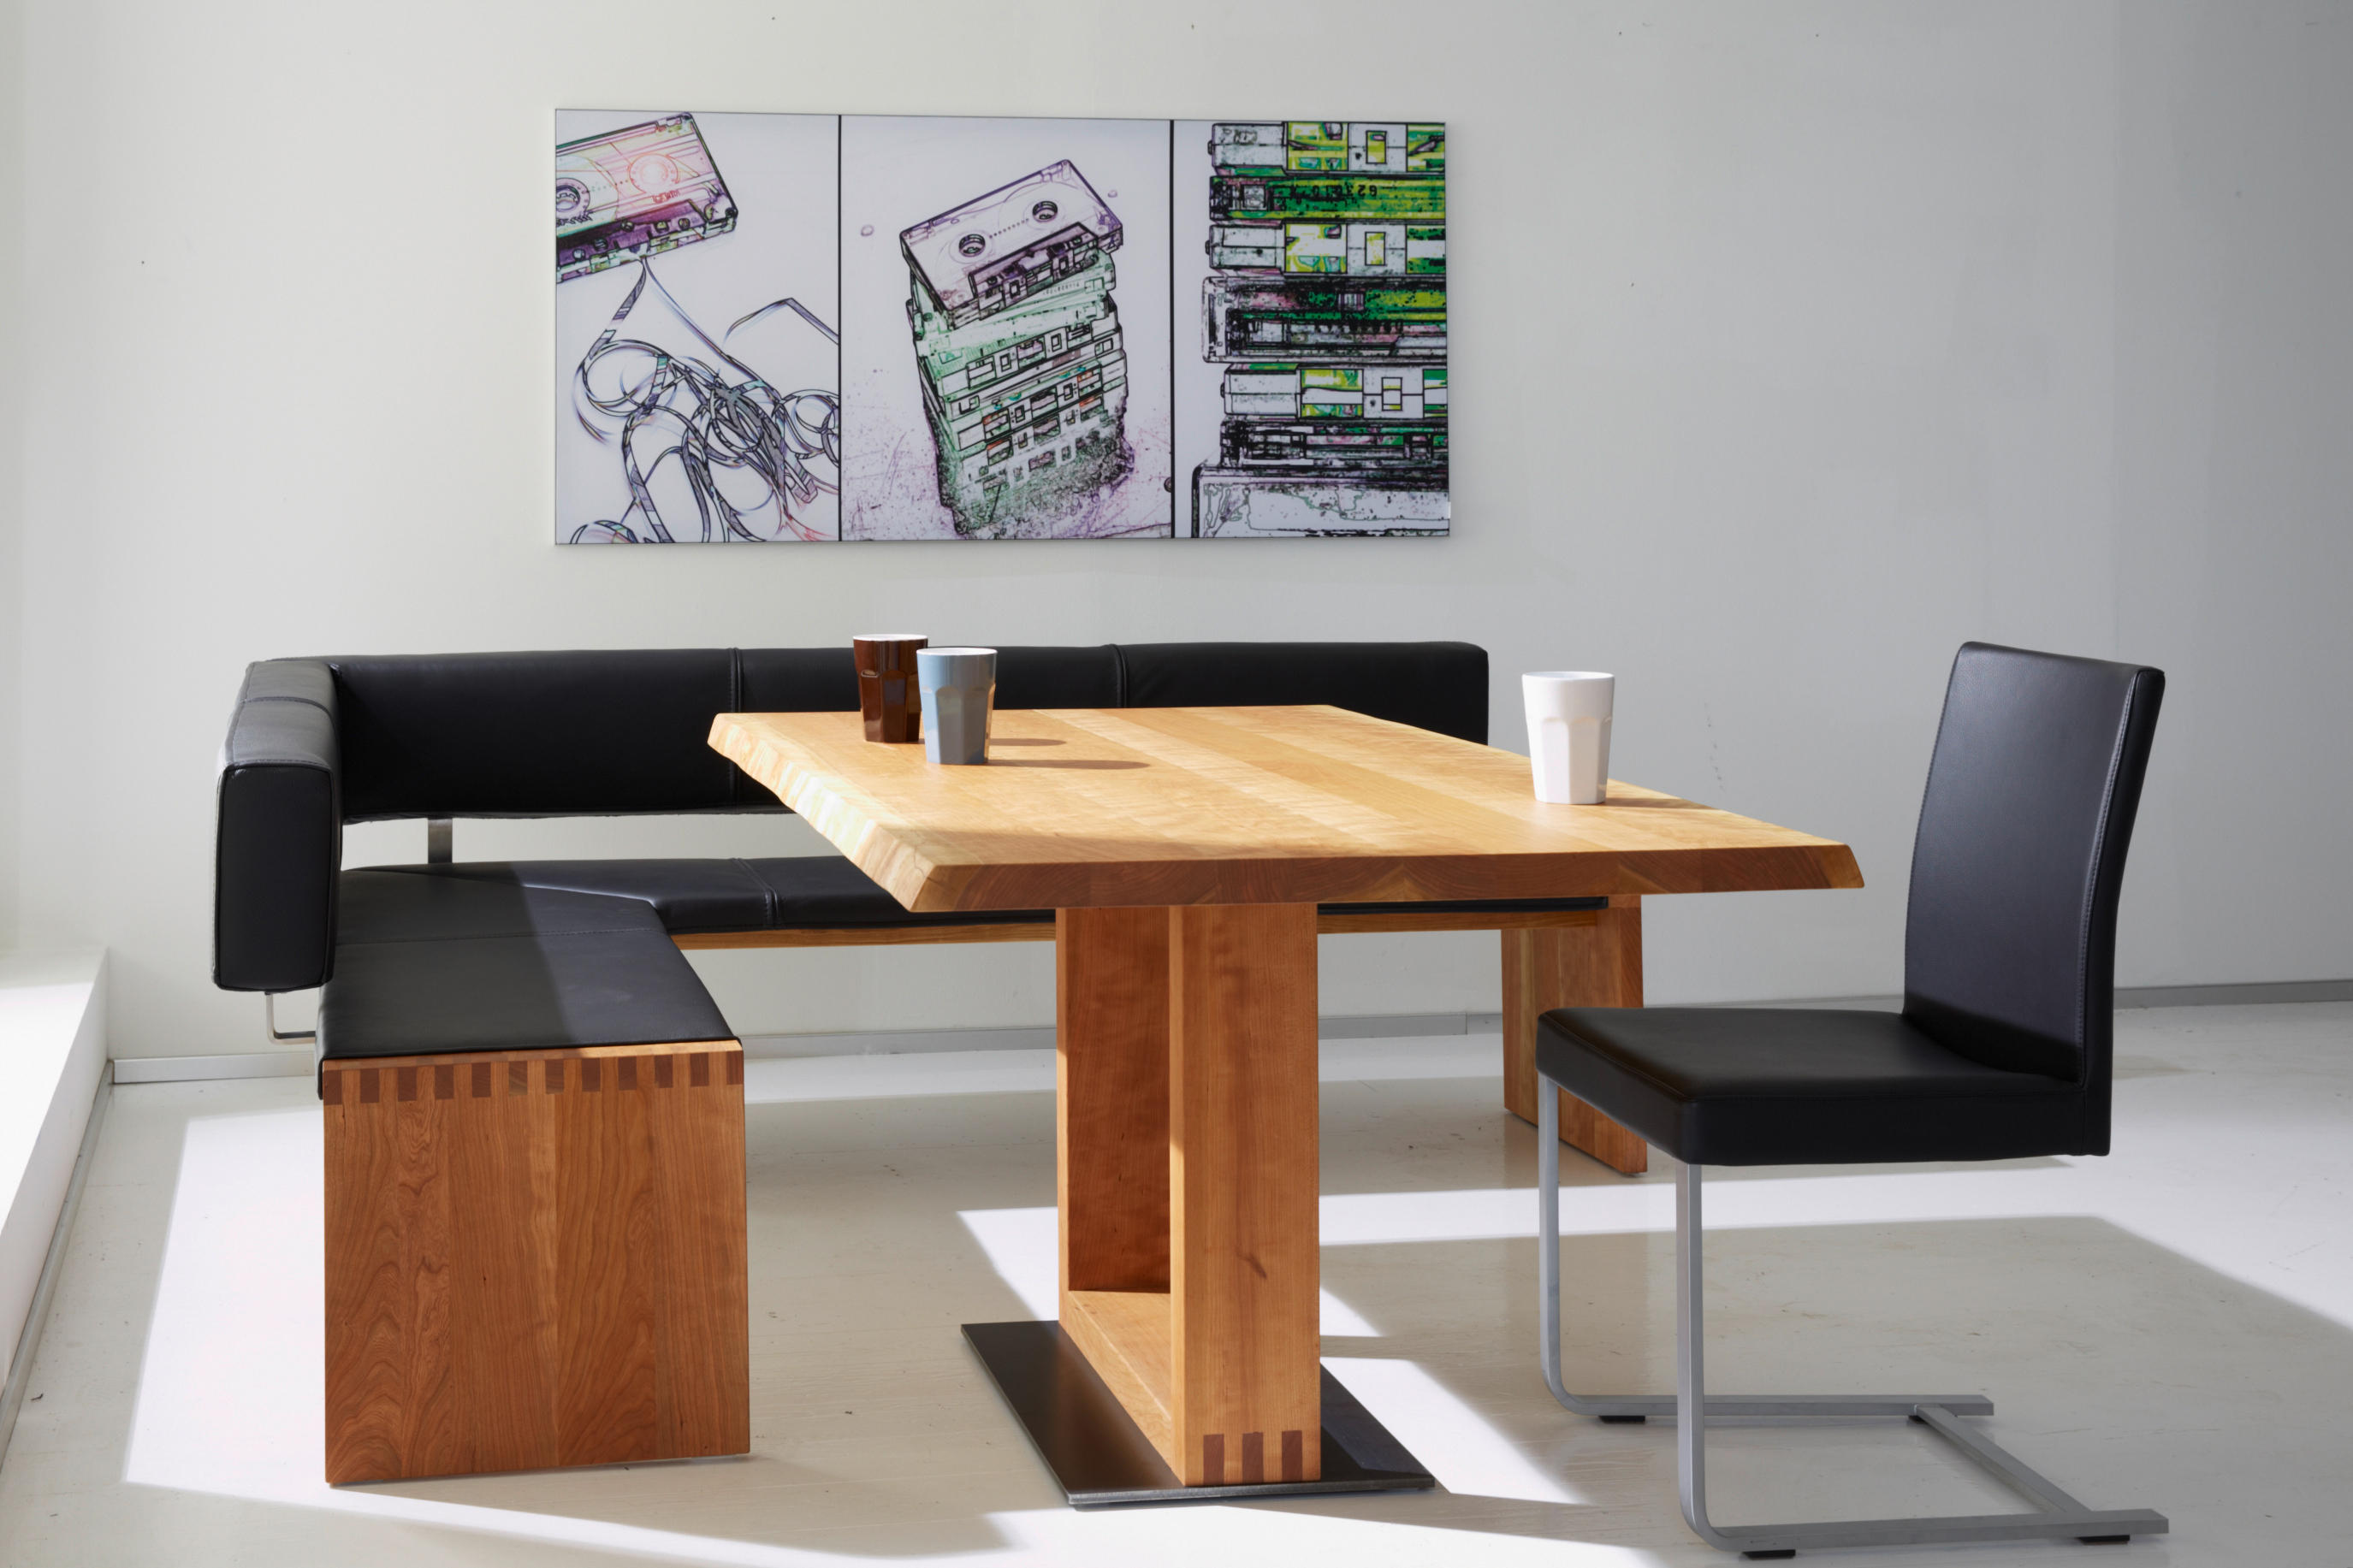 Eckbank design  SD05 BANK - Sitzbänke von Schulte Design | Architonic